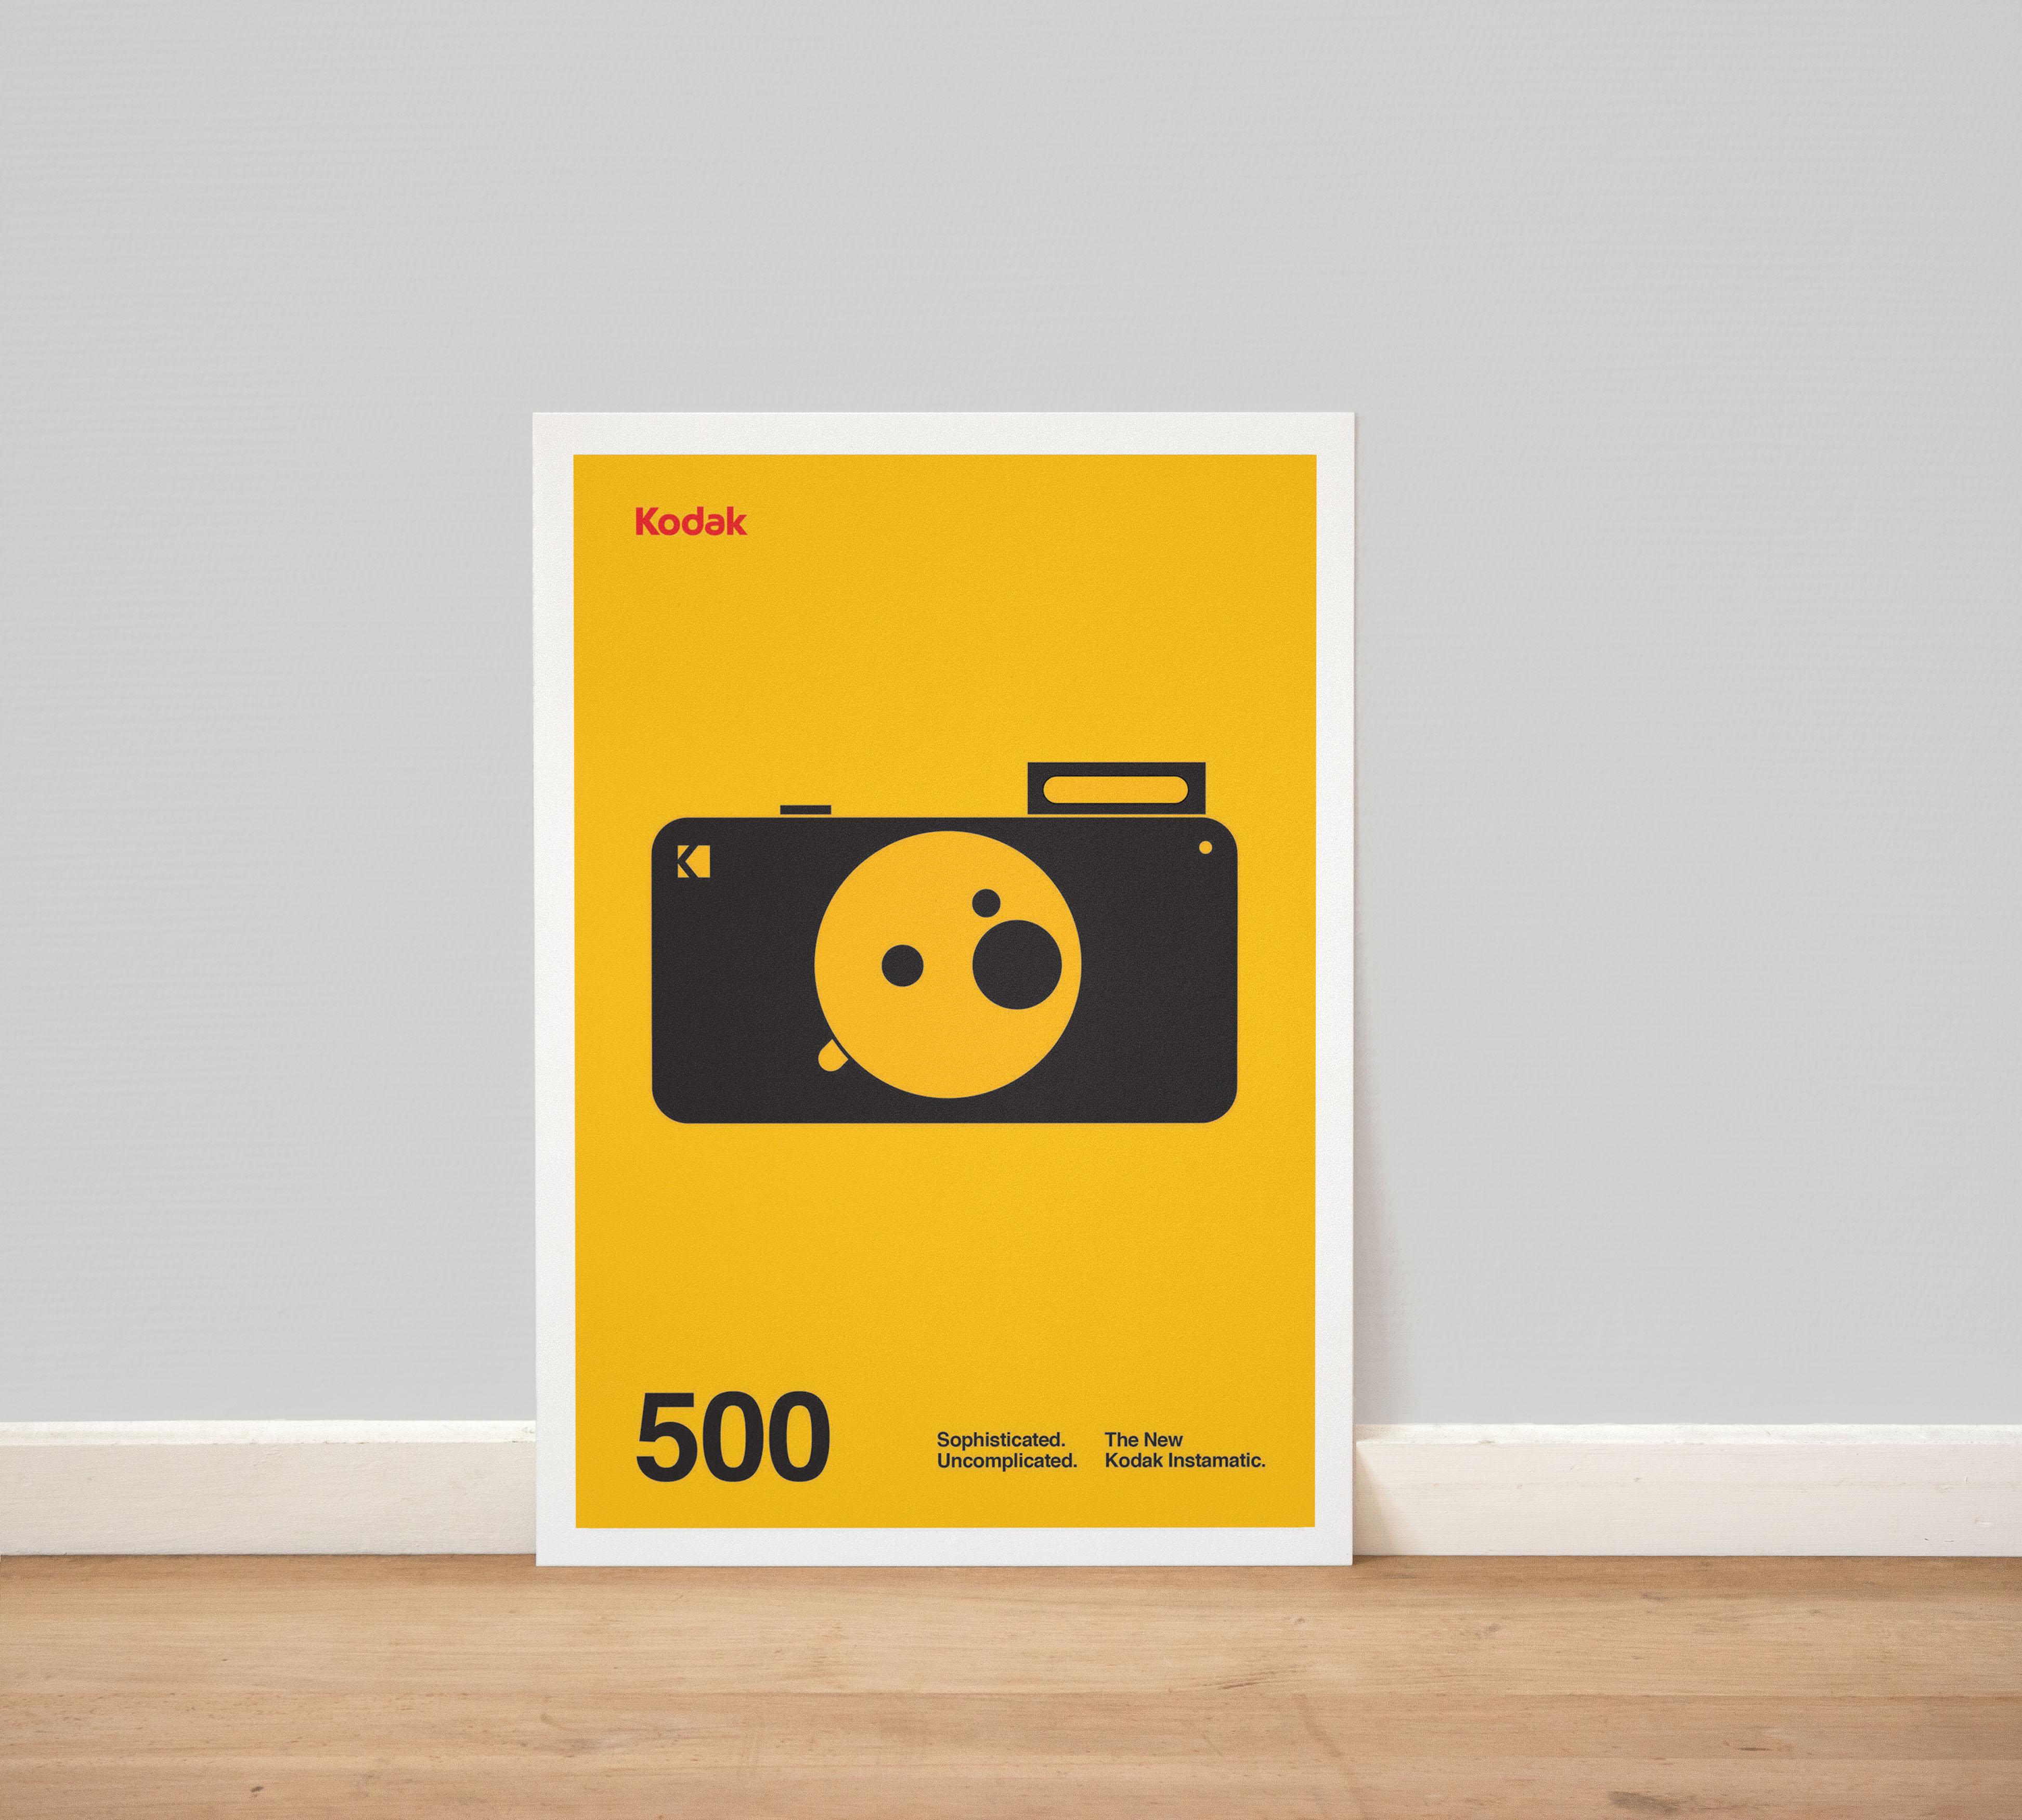 KodakPoster_01